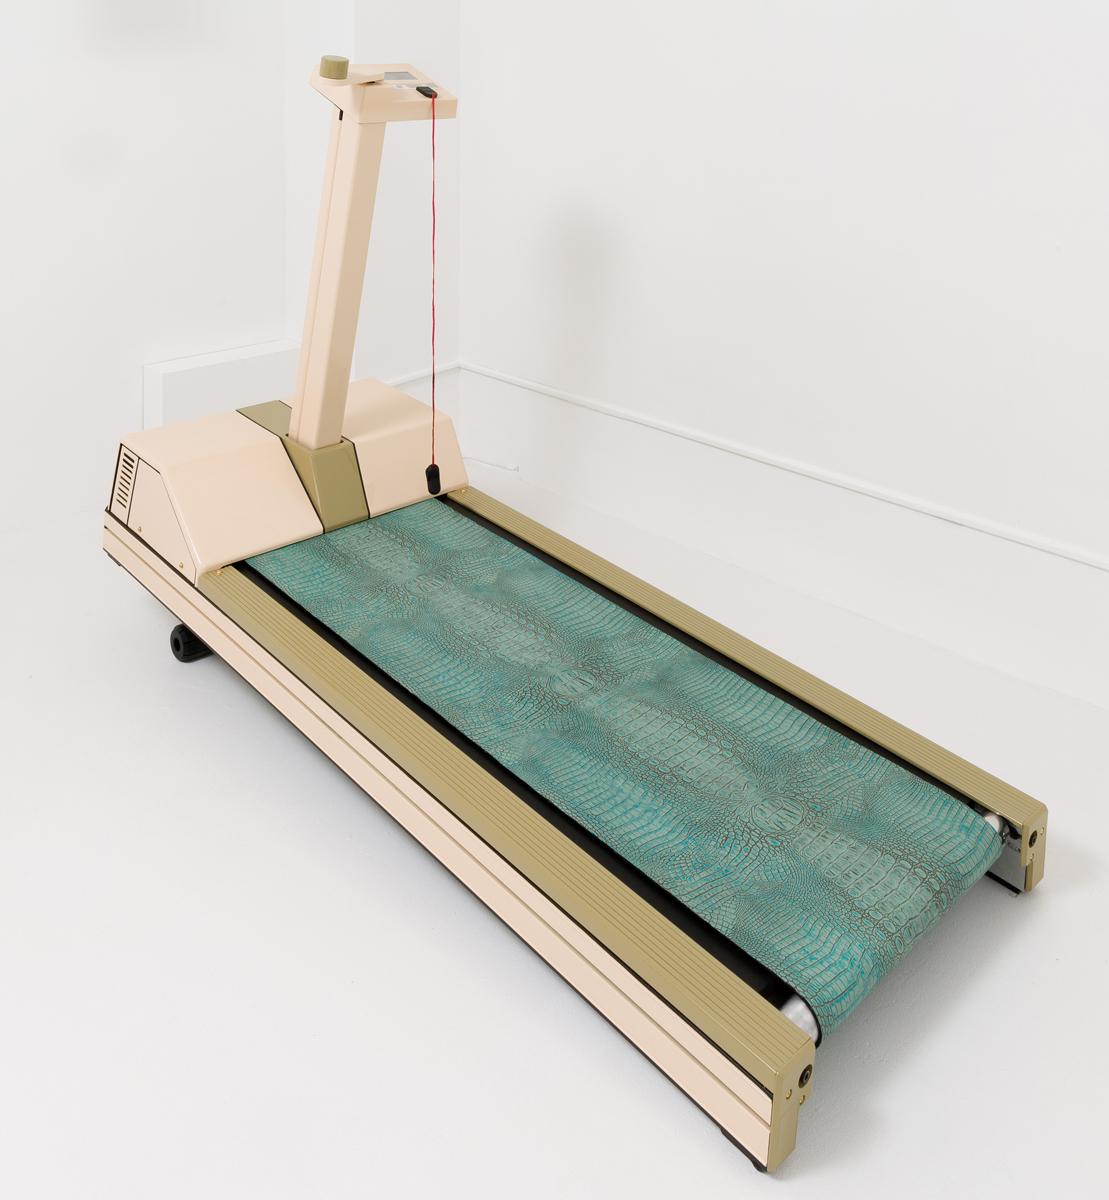 Max Hooper Schneider - Precor Crocodilian 9.1, 2014, modified Precor 9.1 treadmill, crocodile-embossed leather hide, 67